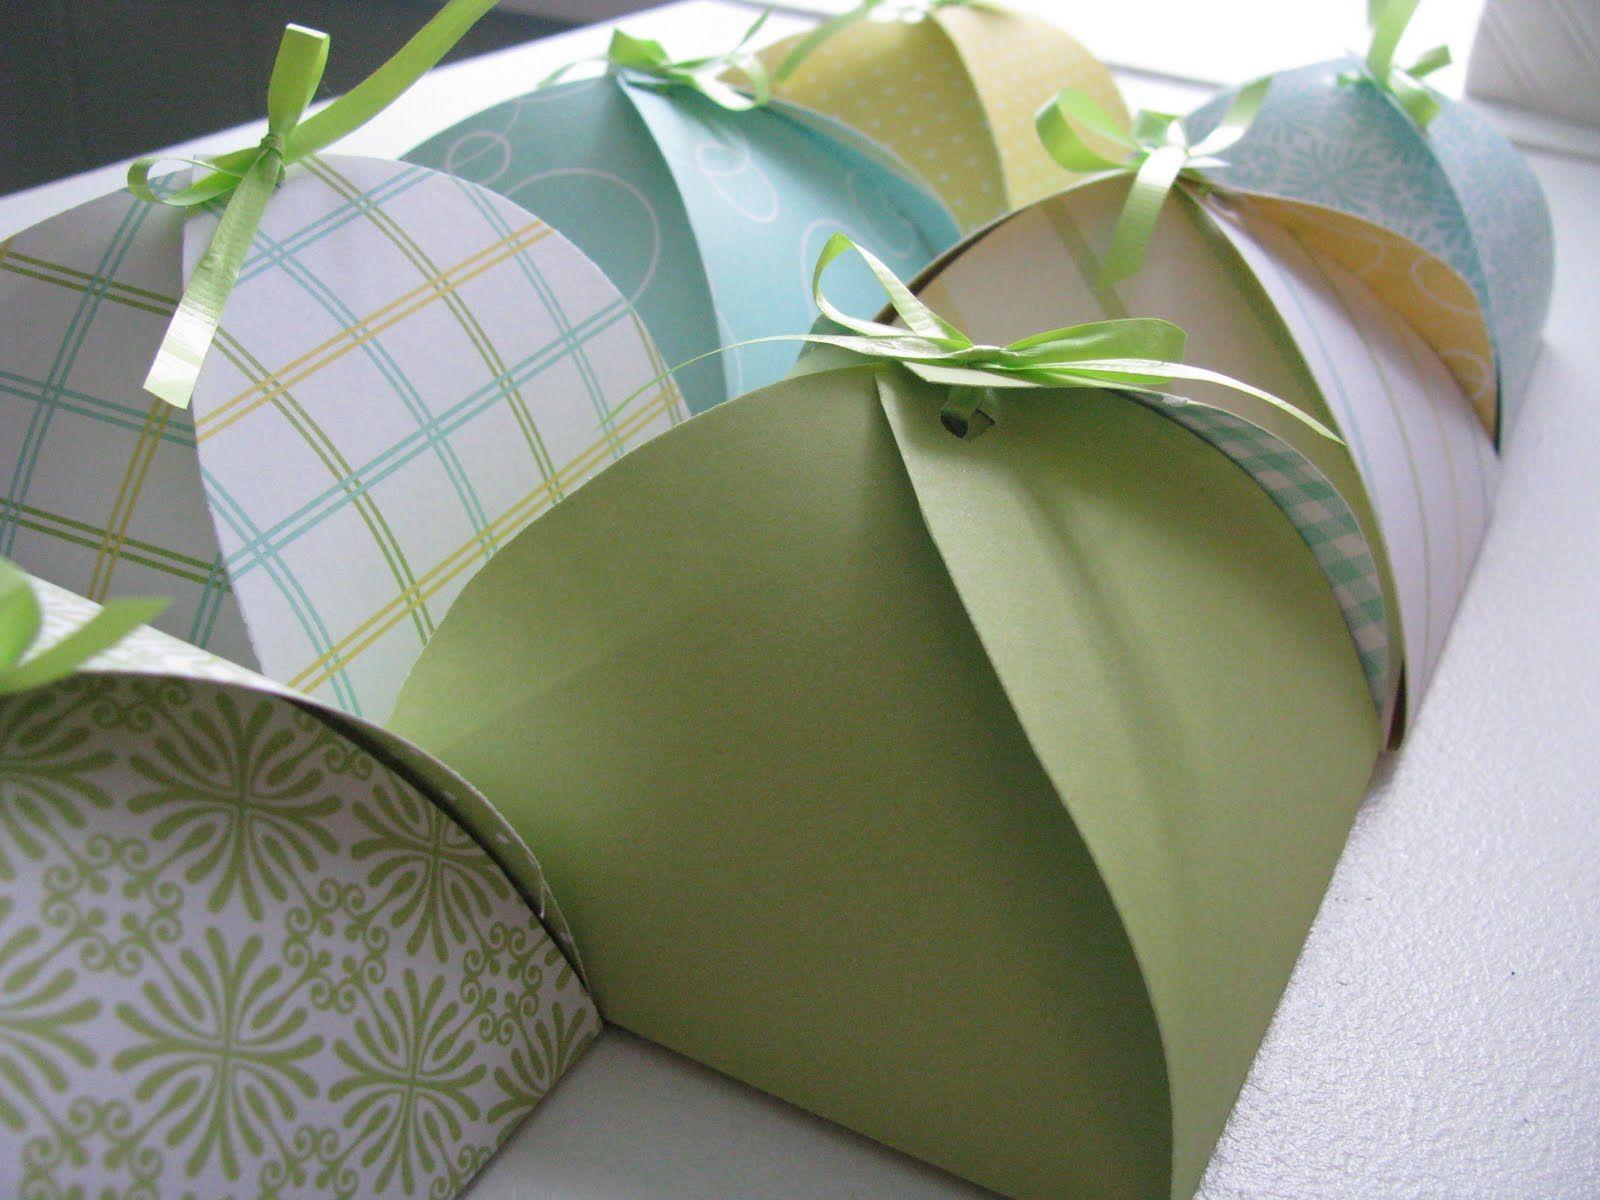 Как упаковать подарок в подарочную бумагу: оригинальные идеи PoiskPodarkov.com